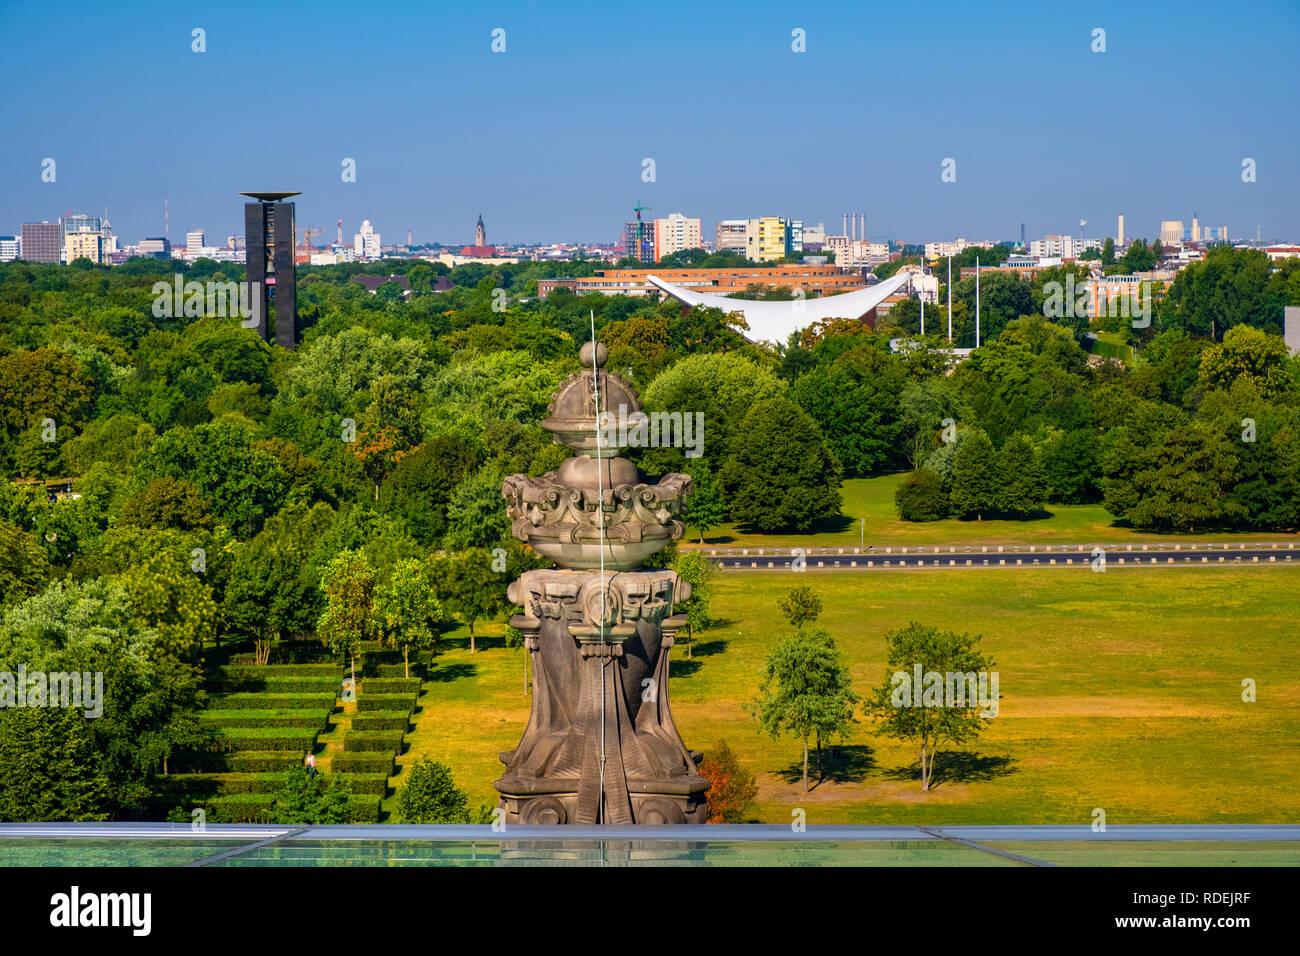 Berlin, Berlin stato / Germania - 2018/07/31: vista panoramica del Groser Tiergarten park con la moderna casa delle culture di tutto il mondo Immagini Stock